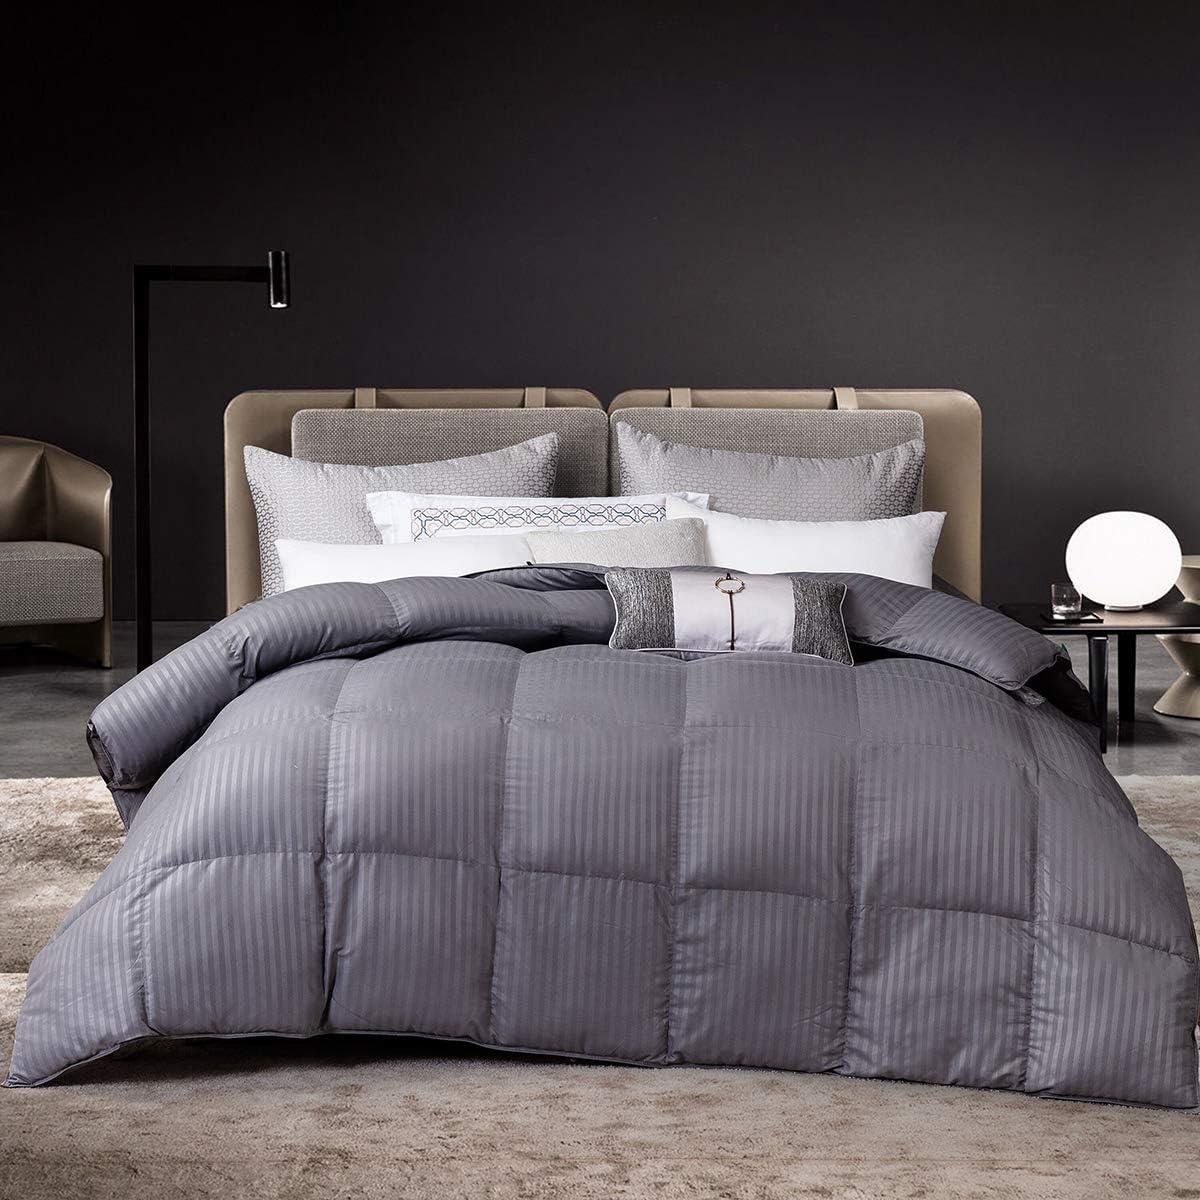 人気商品 Goose Down お歳暮 Alternative Comforter All Insert Season Grey St Duvet